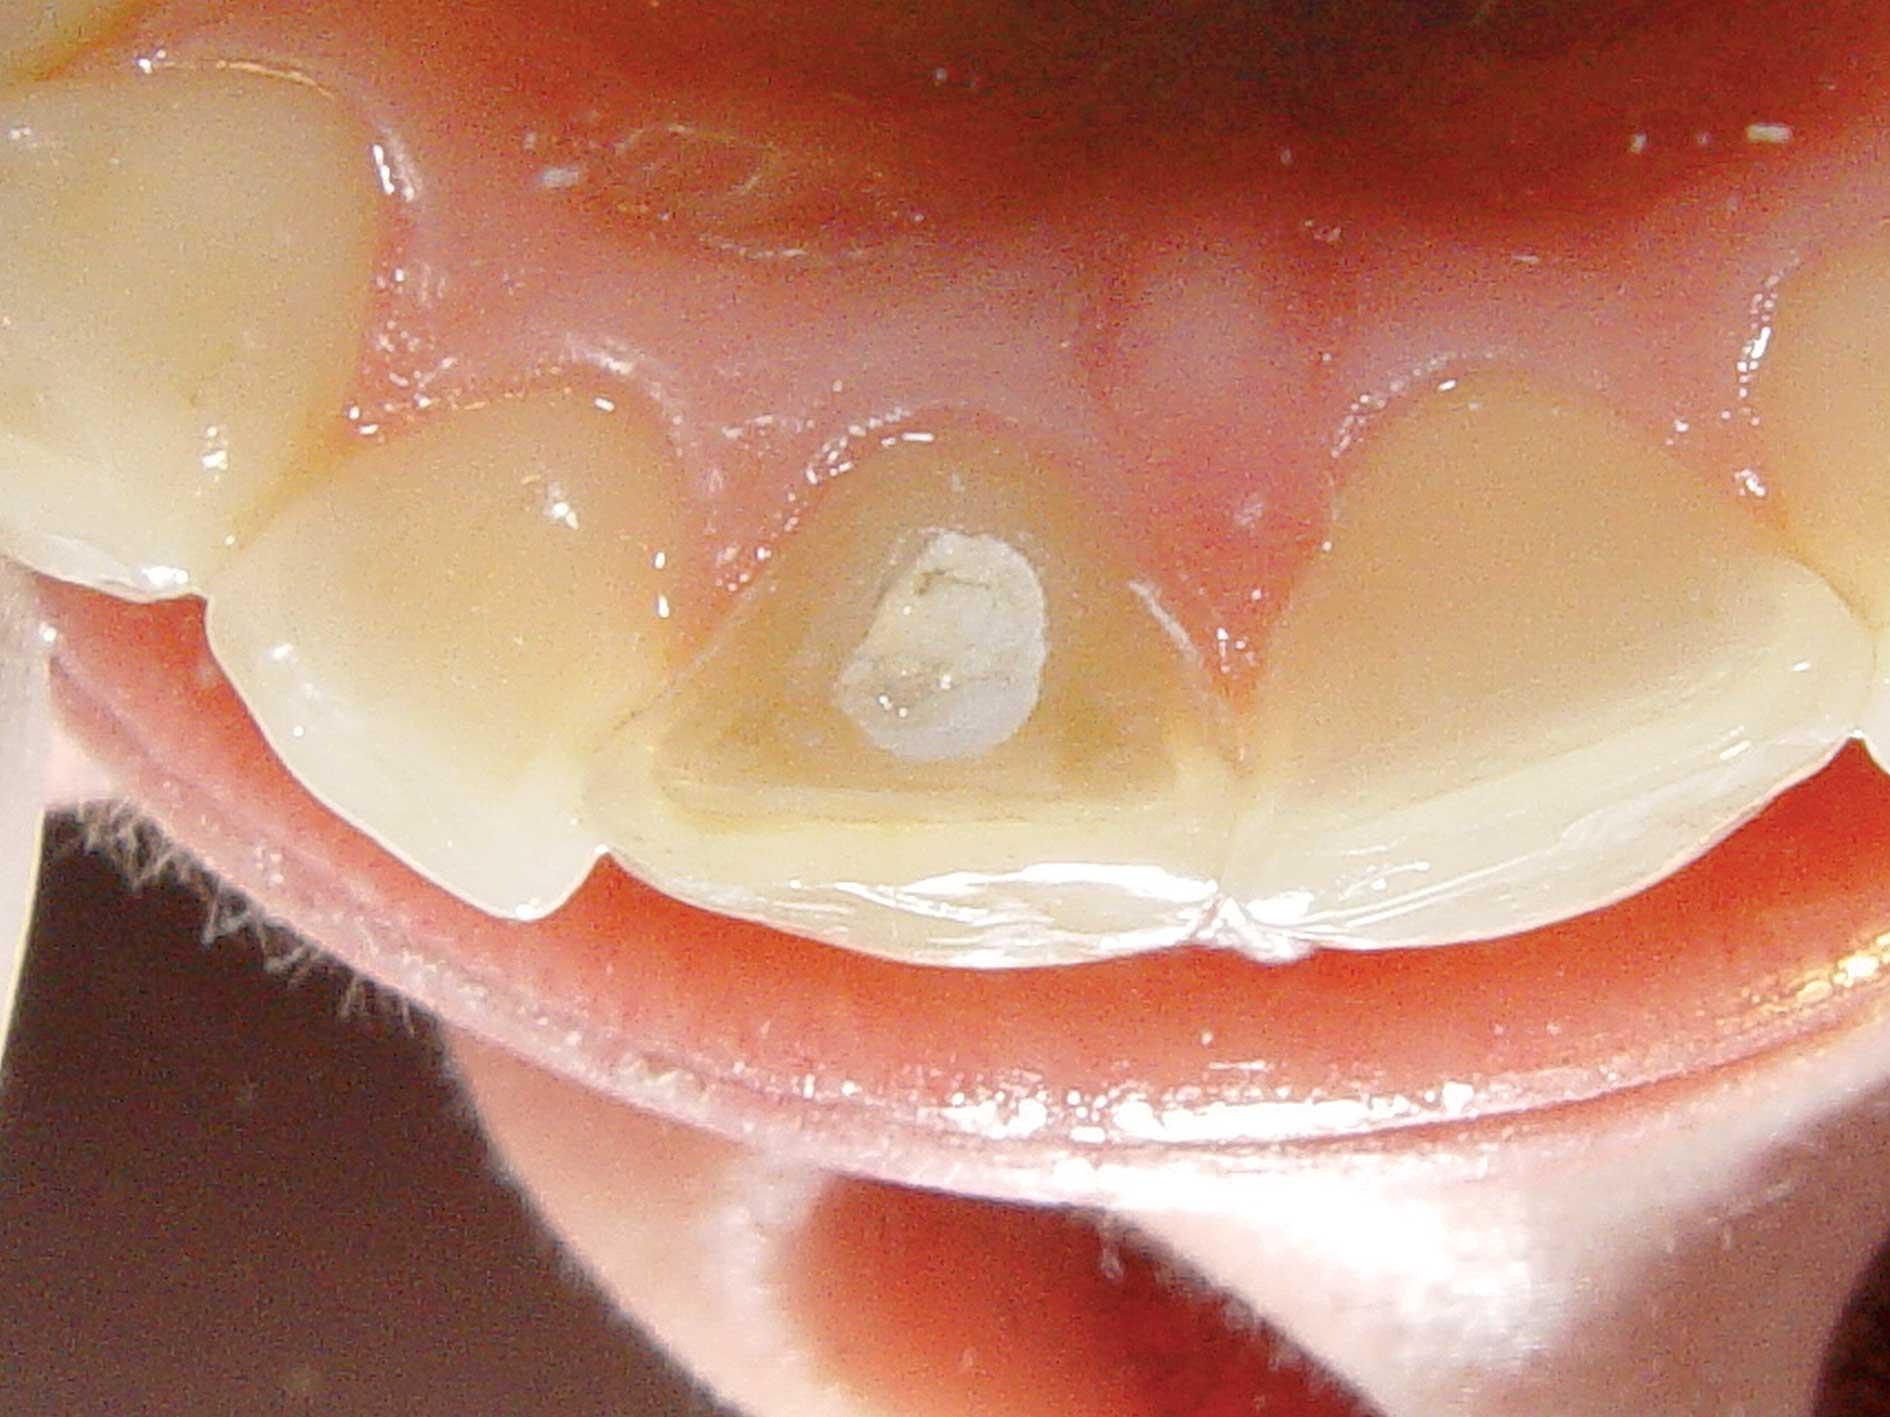 Wybielanie zęba martwego